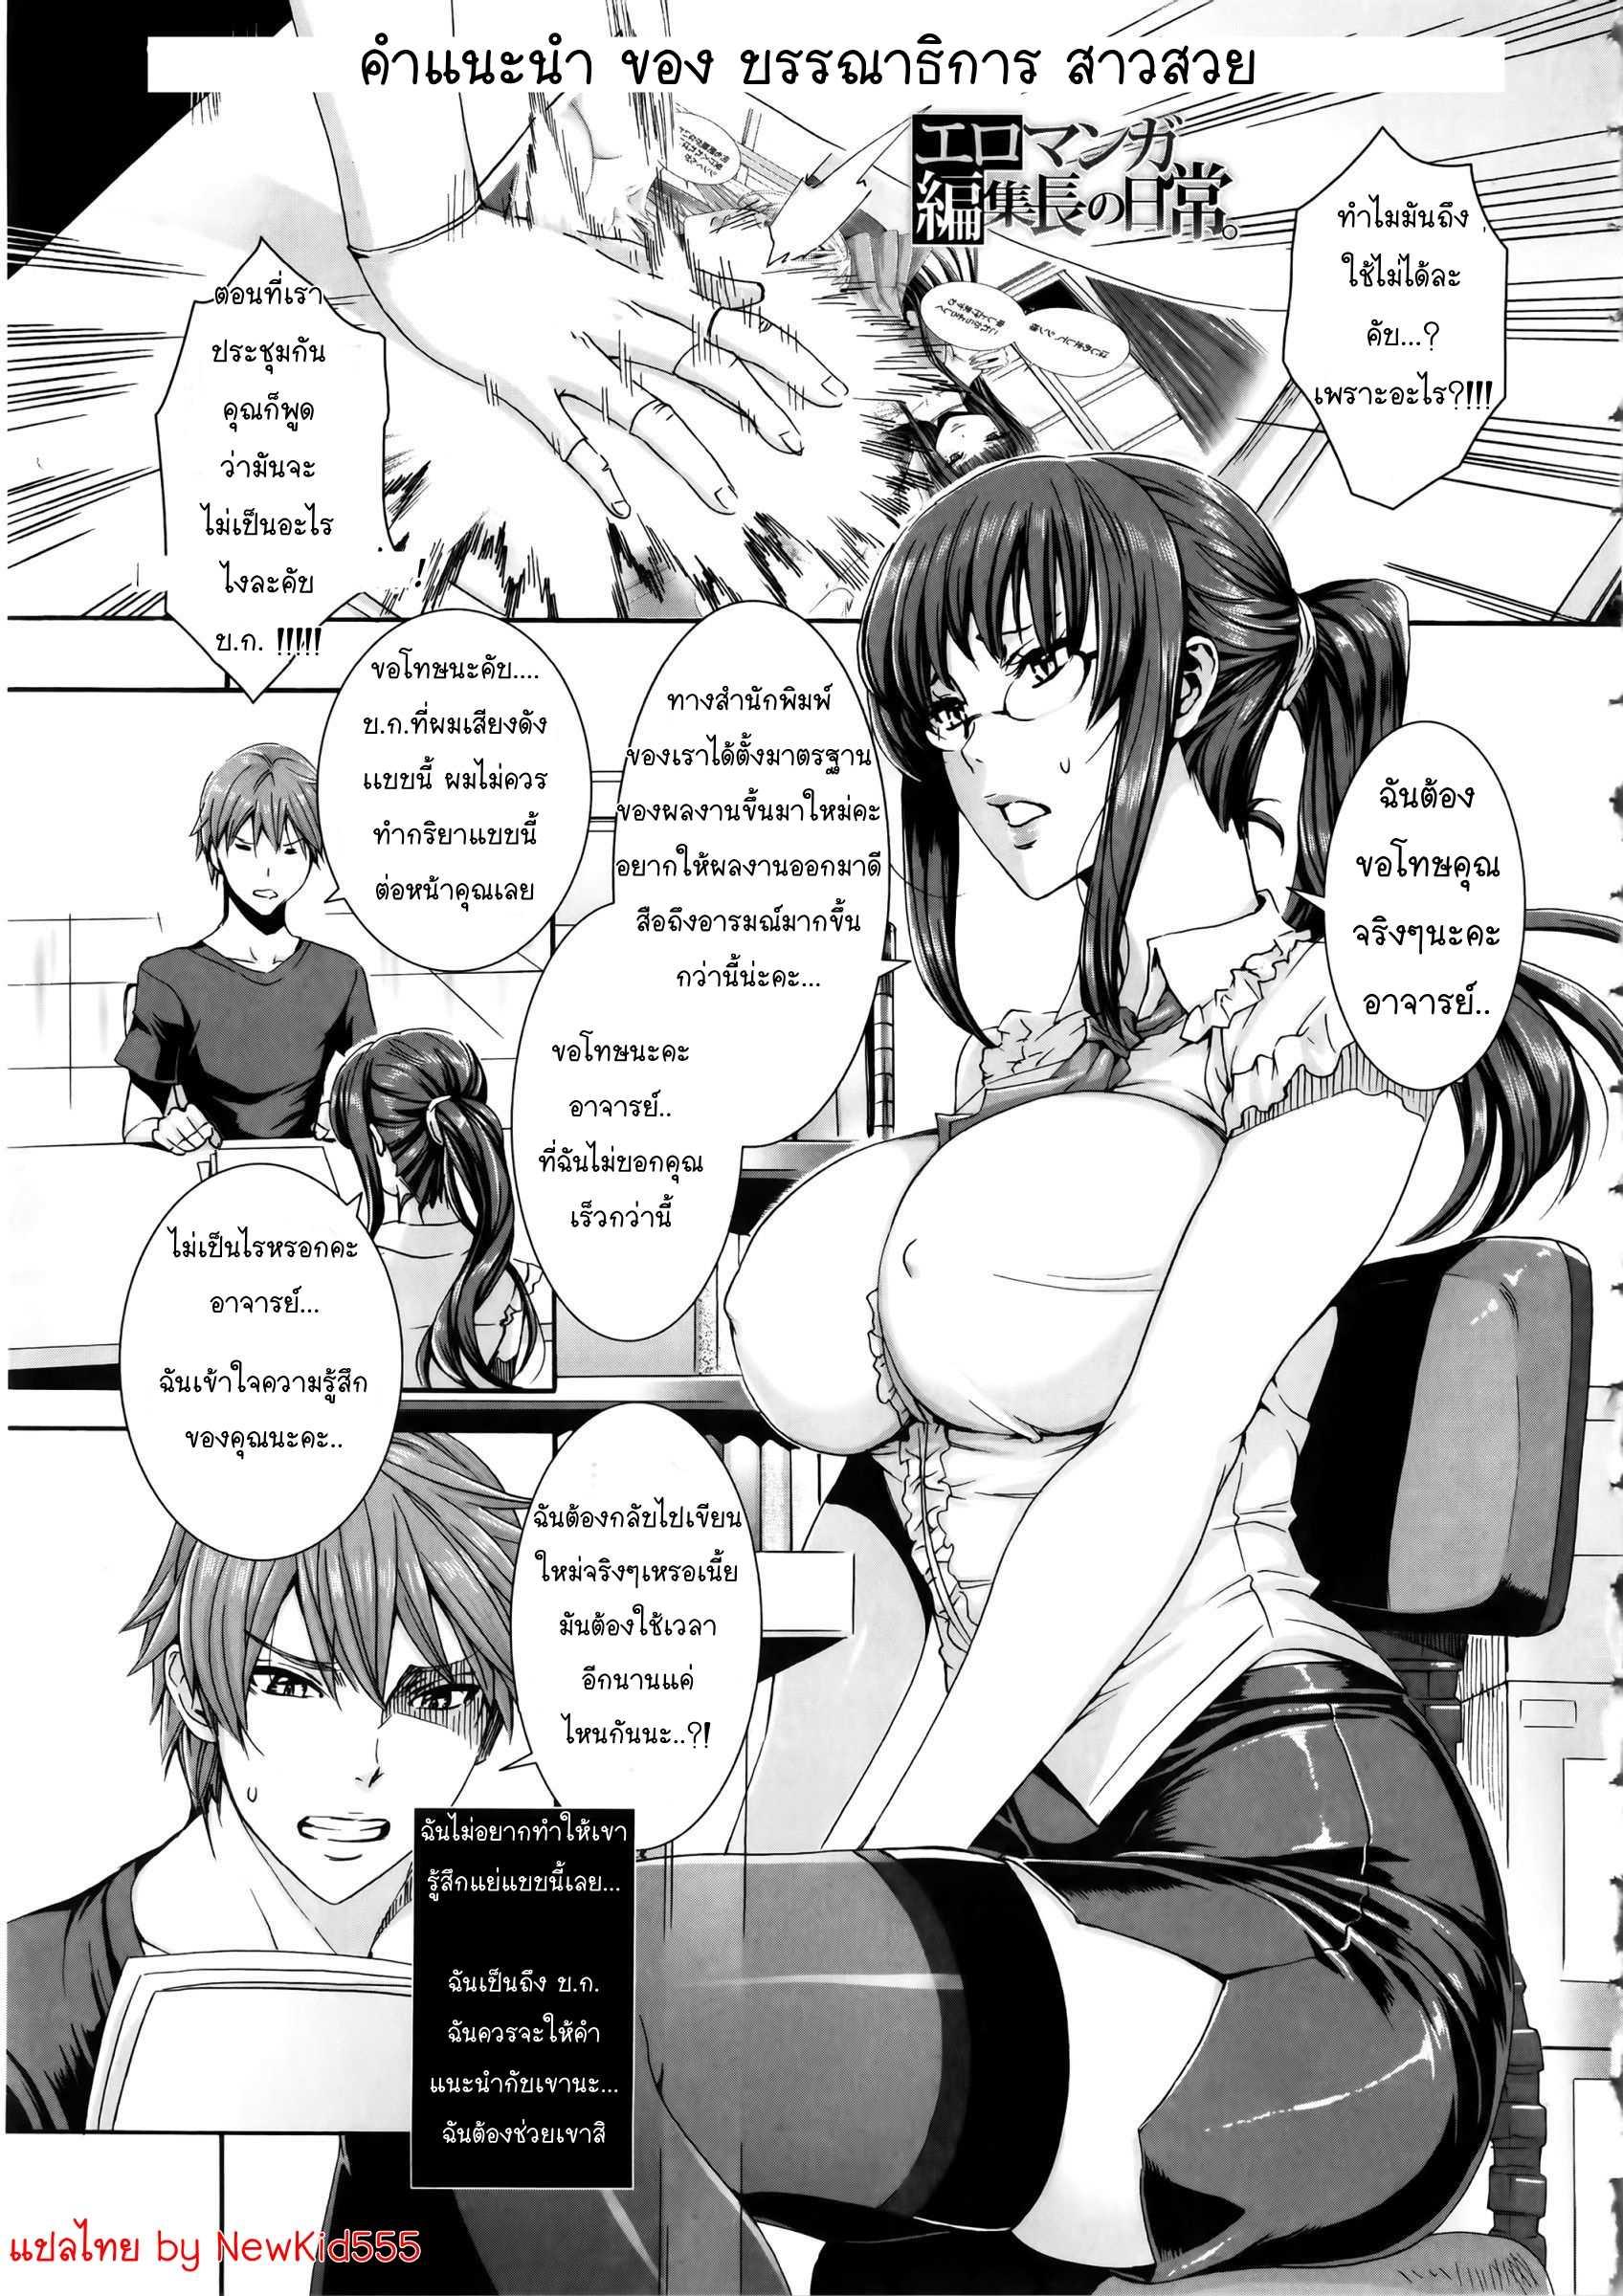 fei-eromanga-henshuu-chou-no-nichijou-day-to-day-life-of-an-erotic-manga-editor-in-chief